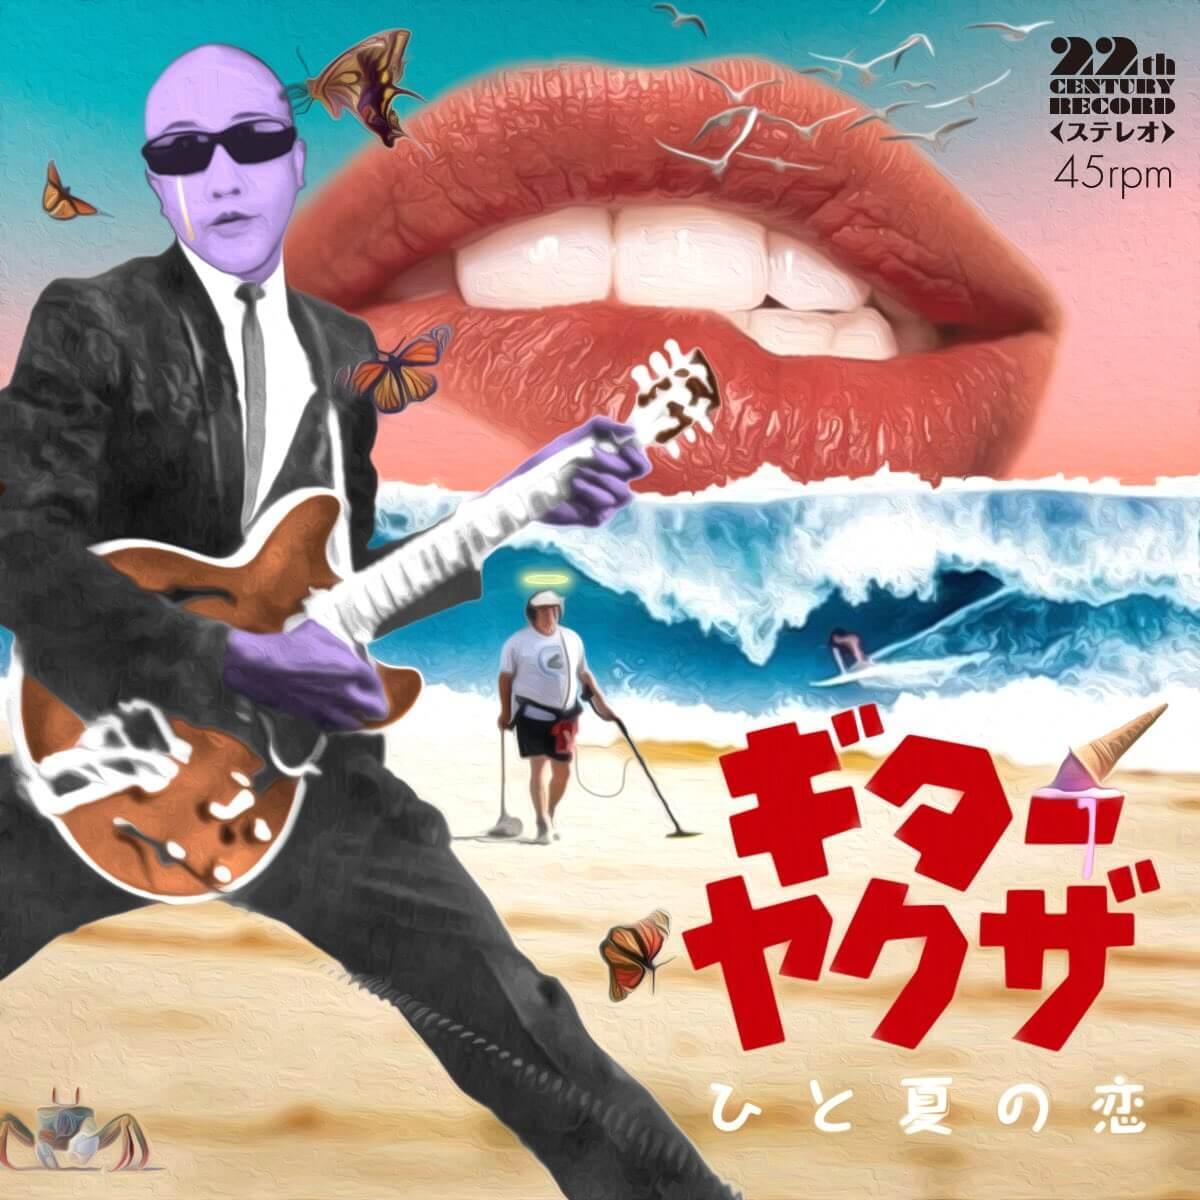 Guitar Yakuxava